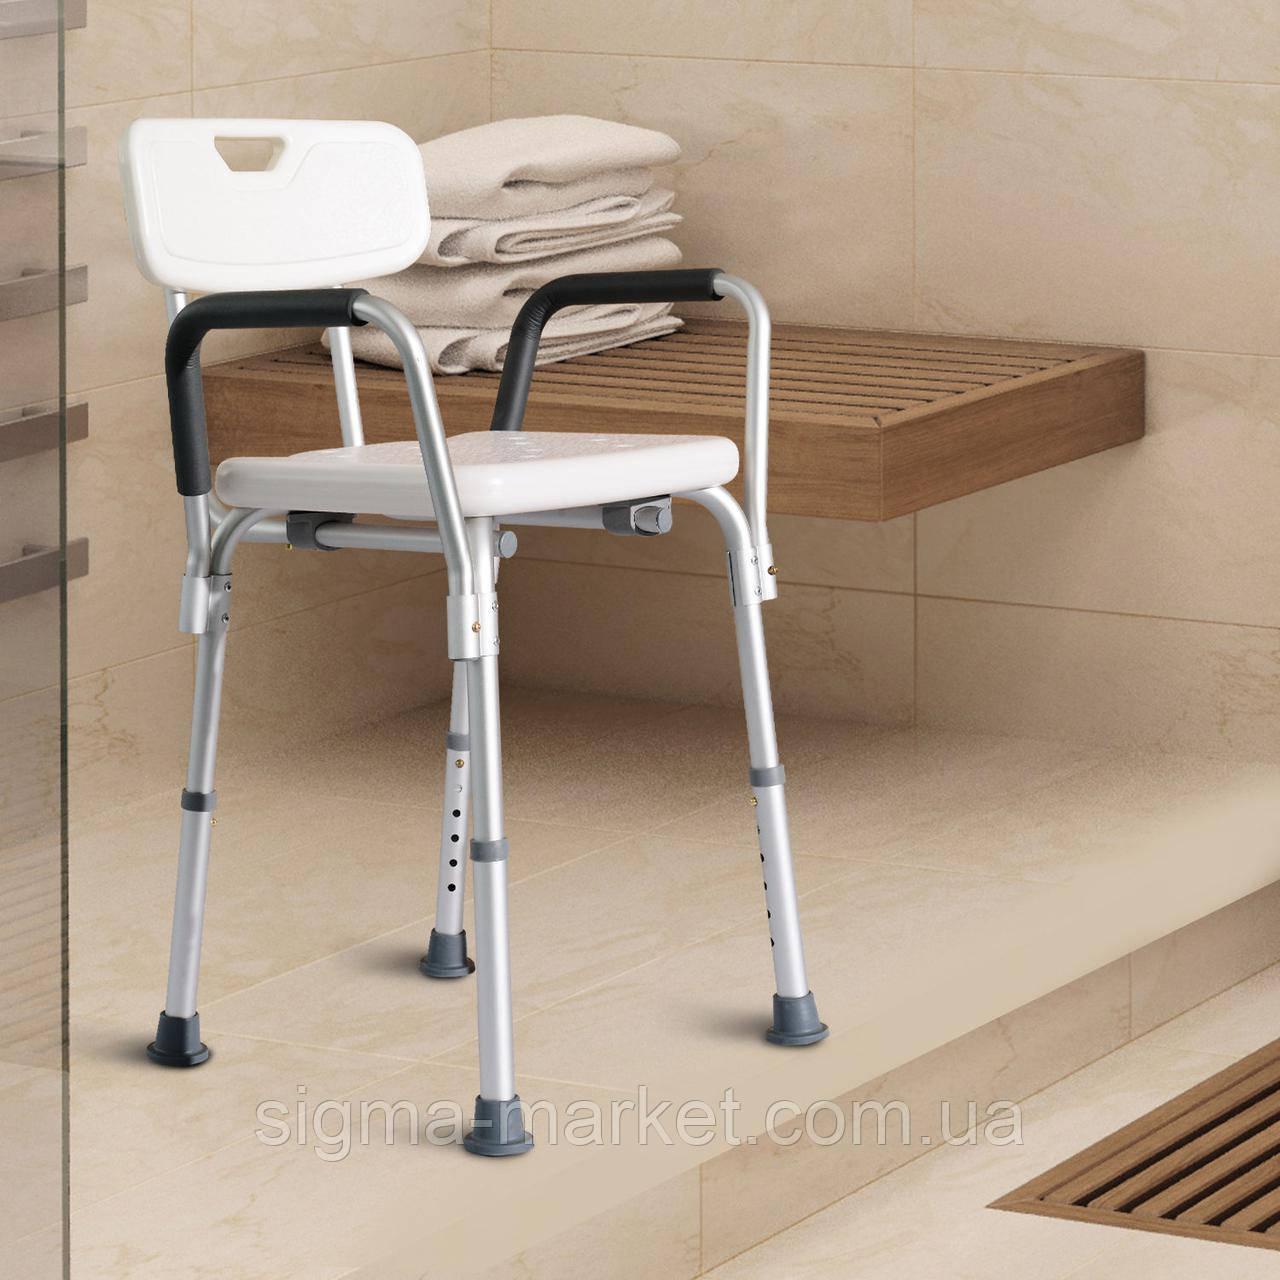 Kресло ортопедическое для душовой кабинки с подлокотниками HOMCOM